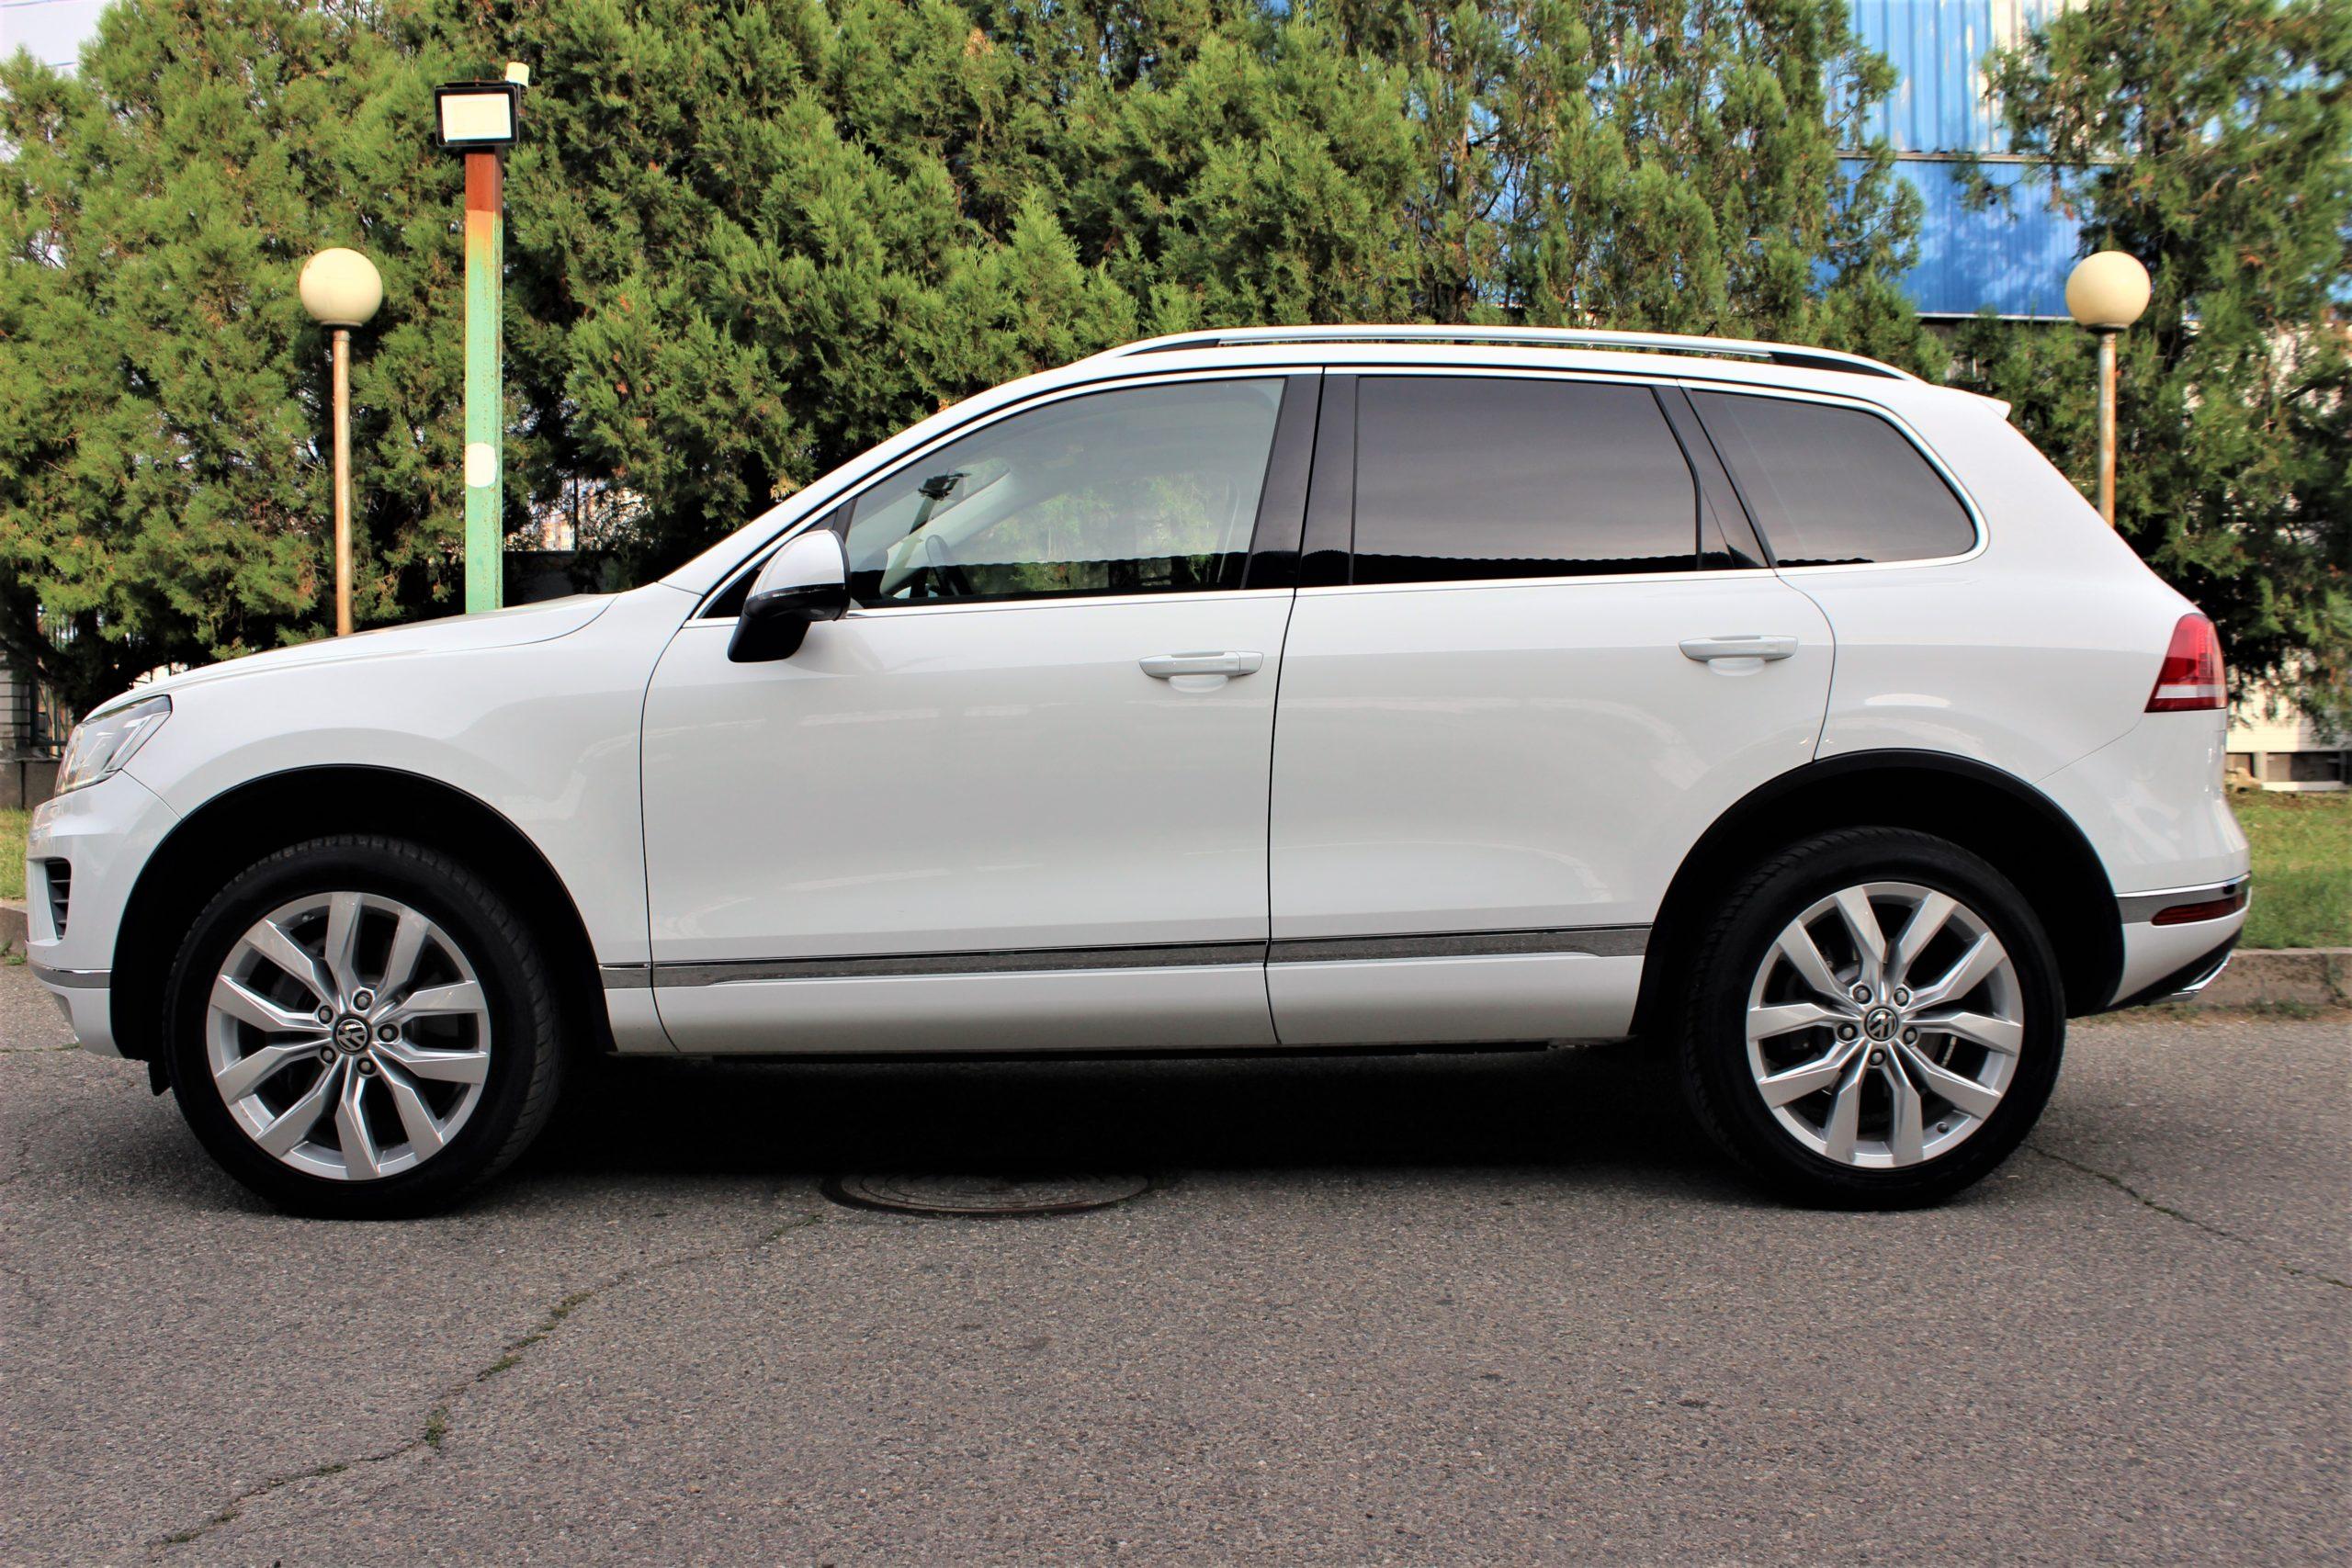 Купить Volkswagen Touareg (Белый) - Автопарк Ставрополь